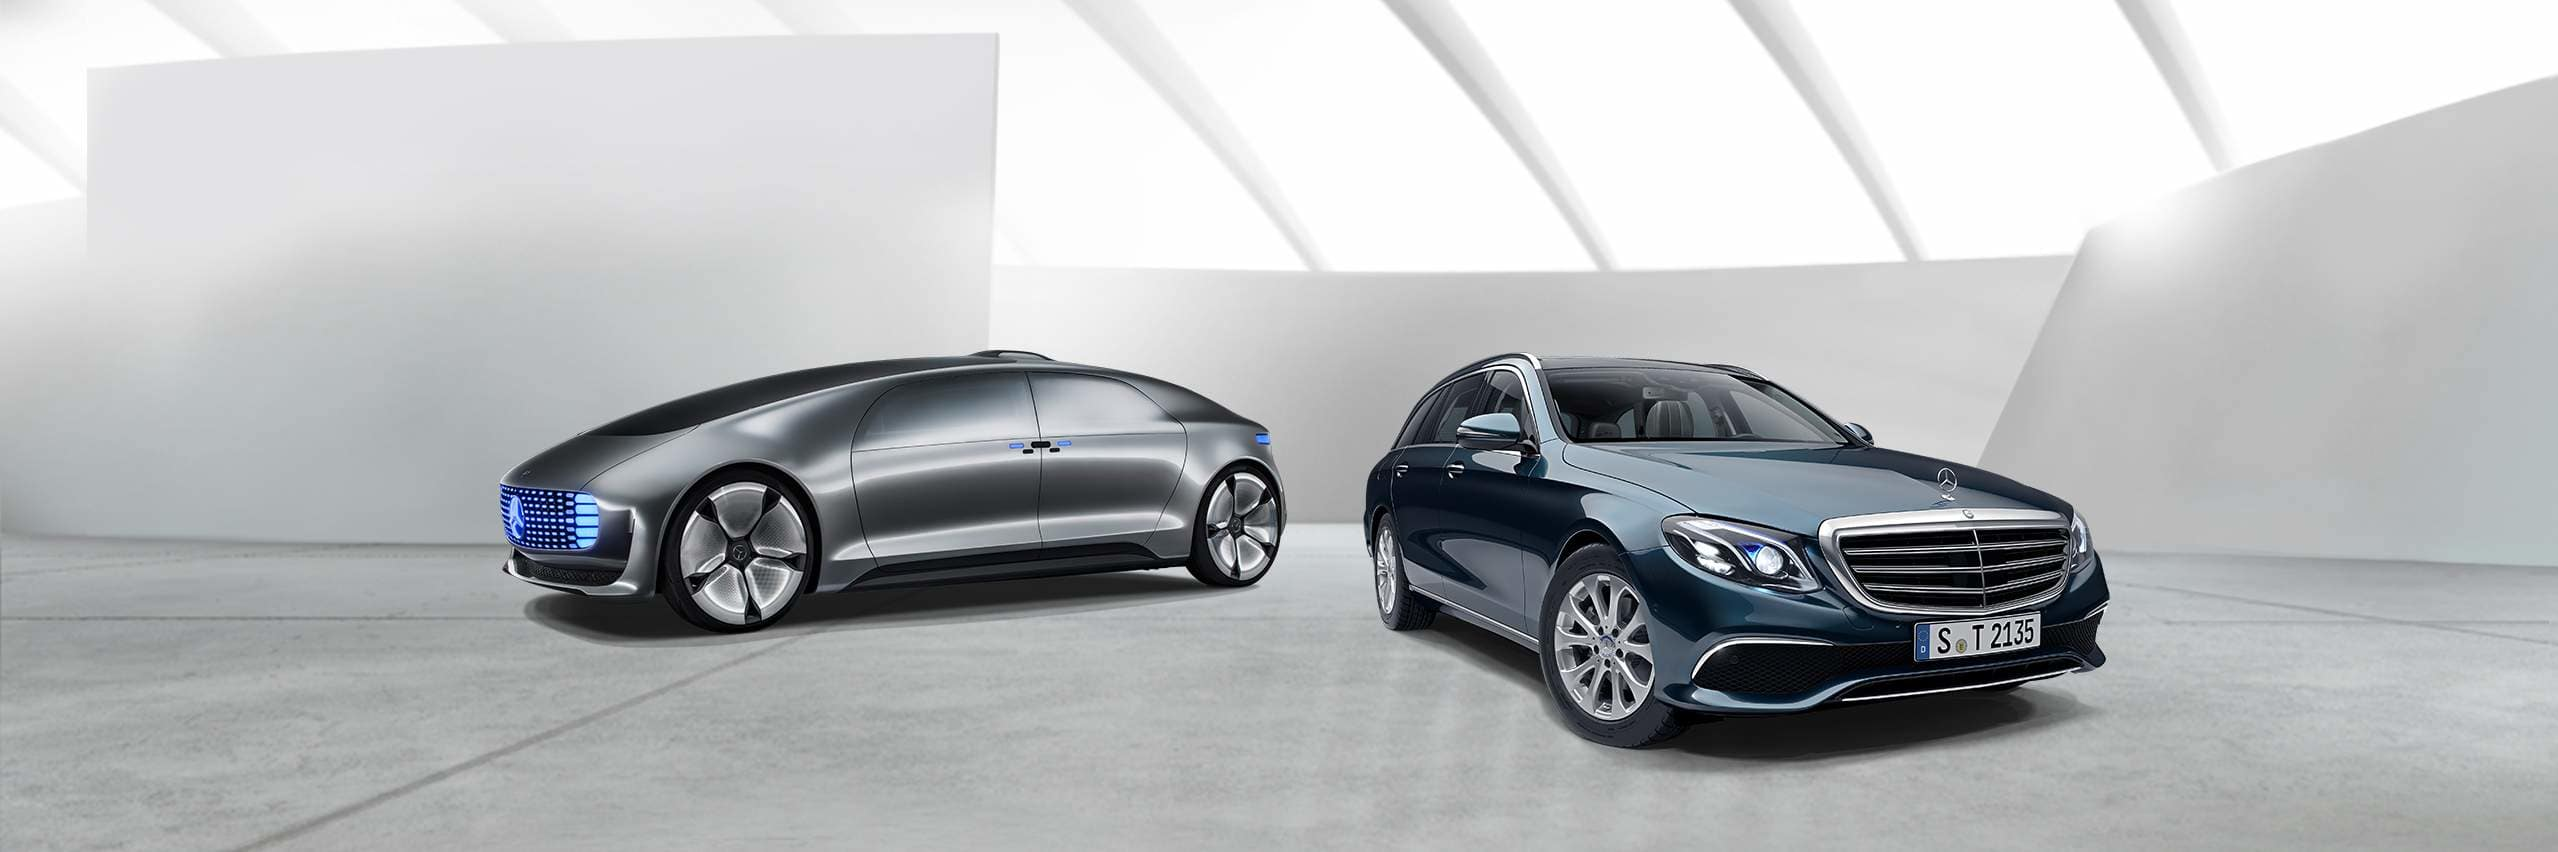 Инновационные технологии Mercedes-Benz